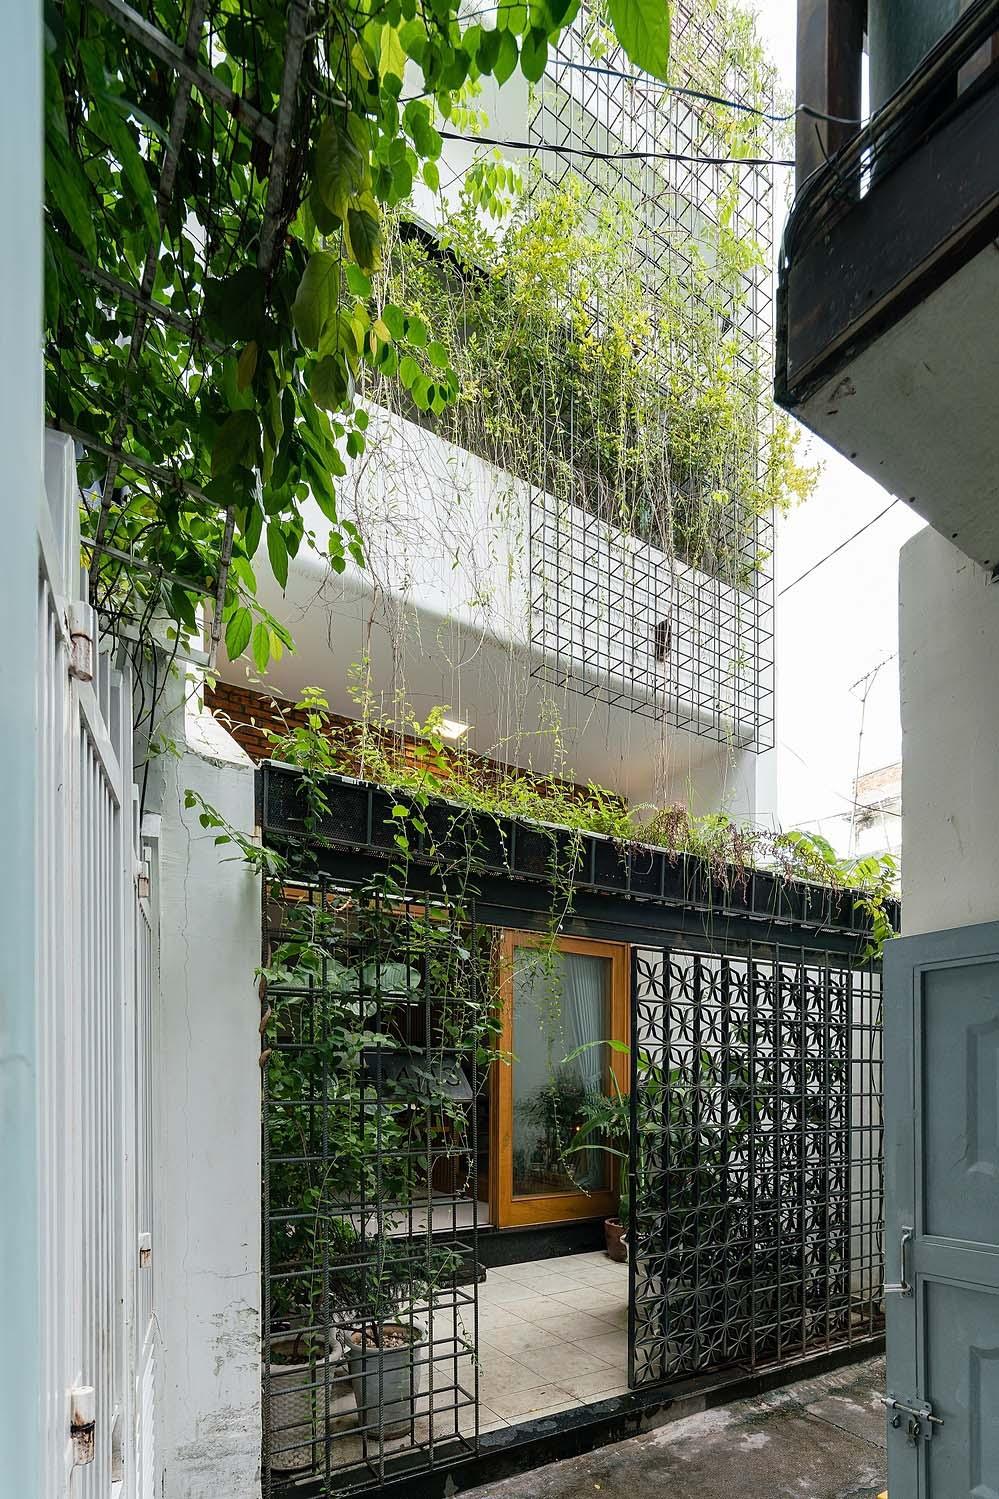 """Mặt tiền công trình gây ấn tượng với cổng """"hoa sắt"""", giàn leo và cây xanh trên nền tường trắng. Ảnh: Quang Trần."""